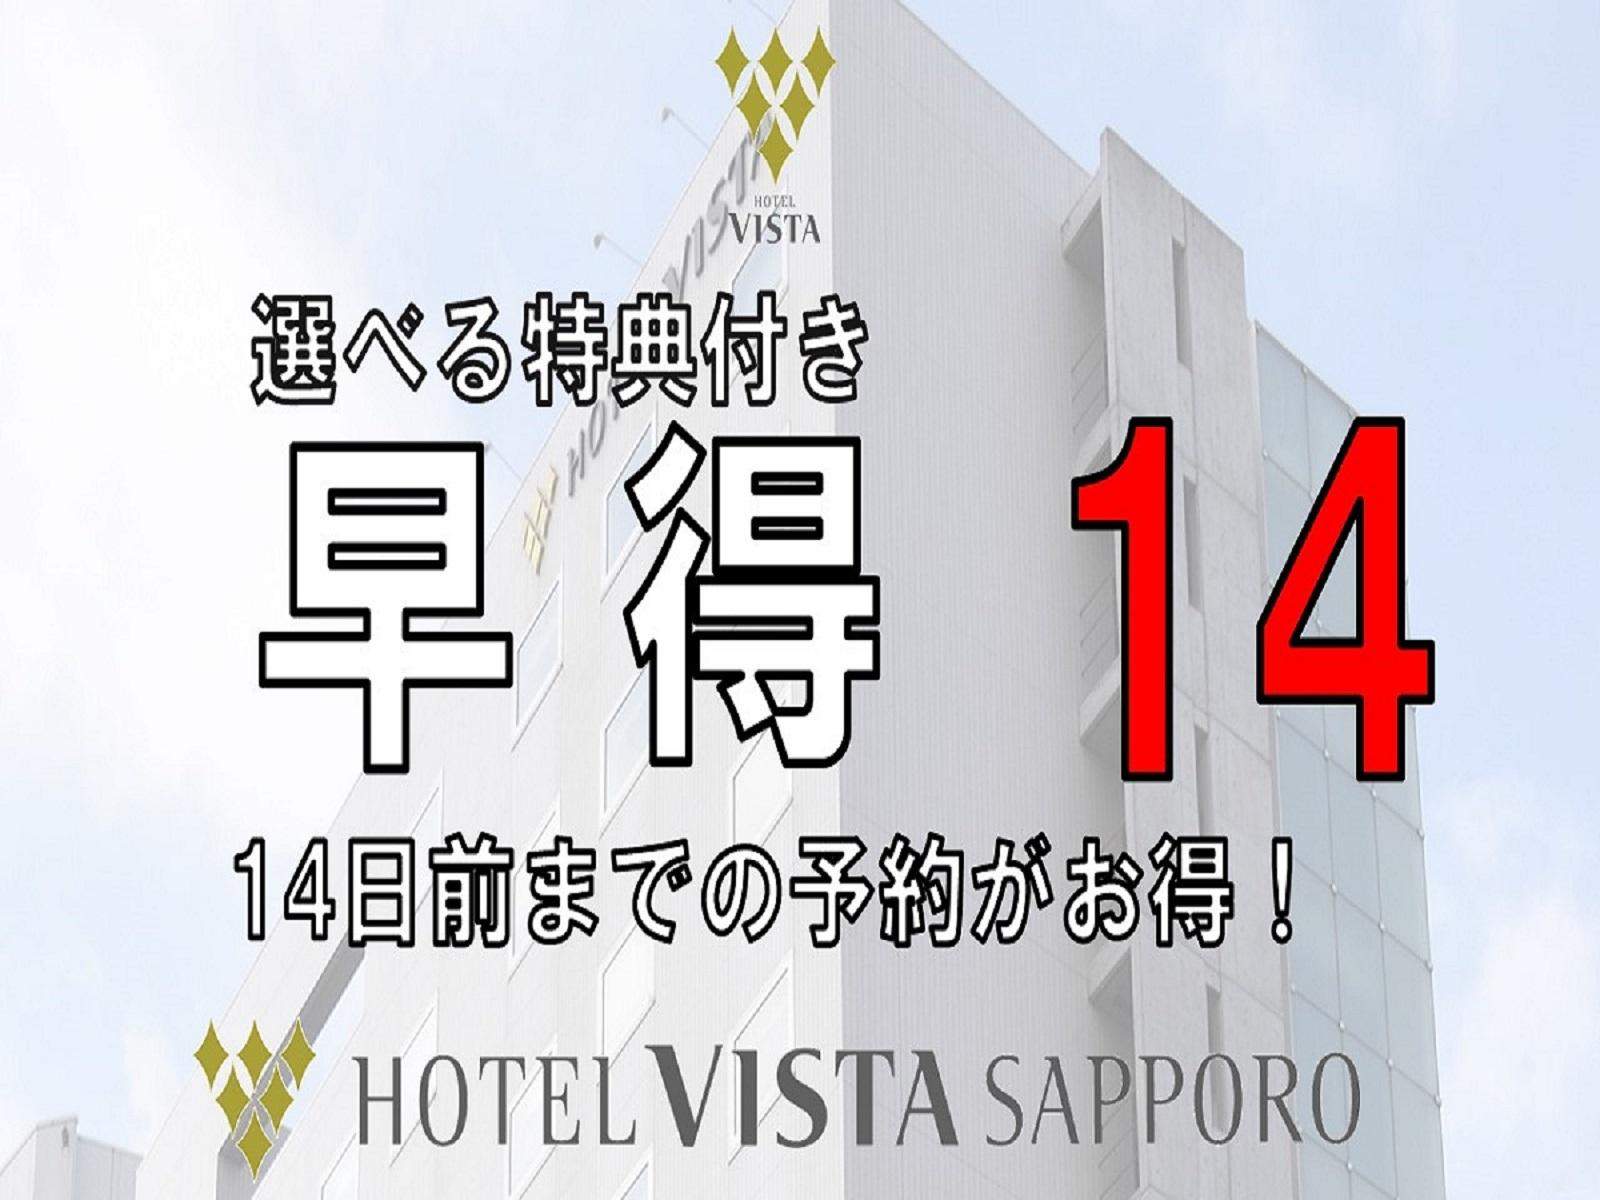 ホテルビスタ札幌中島公園 【早得】選んで楽しい♪特典付!★早トク14★~素泊り~